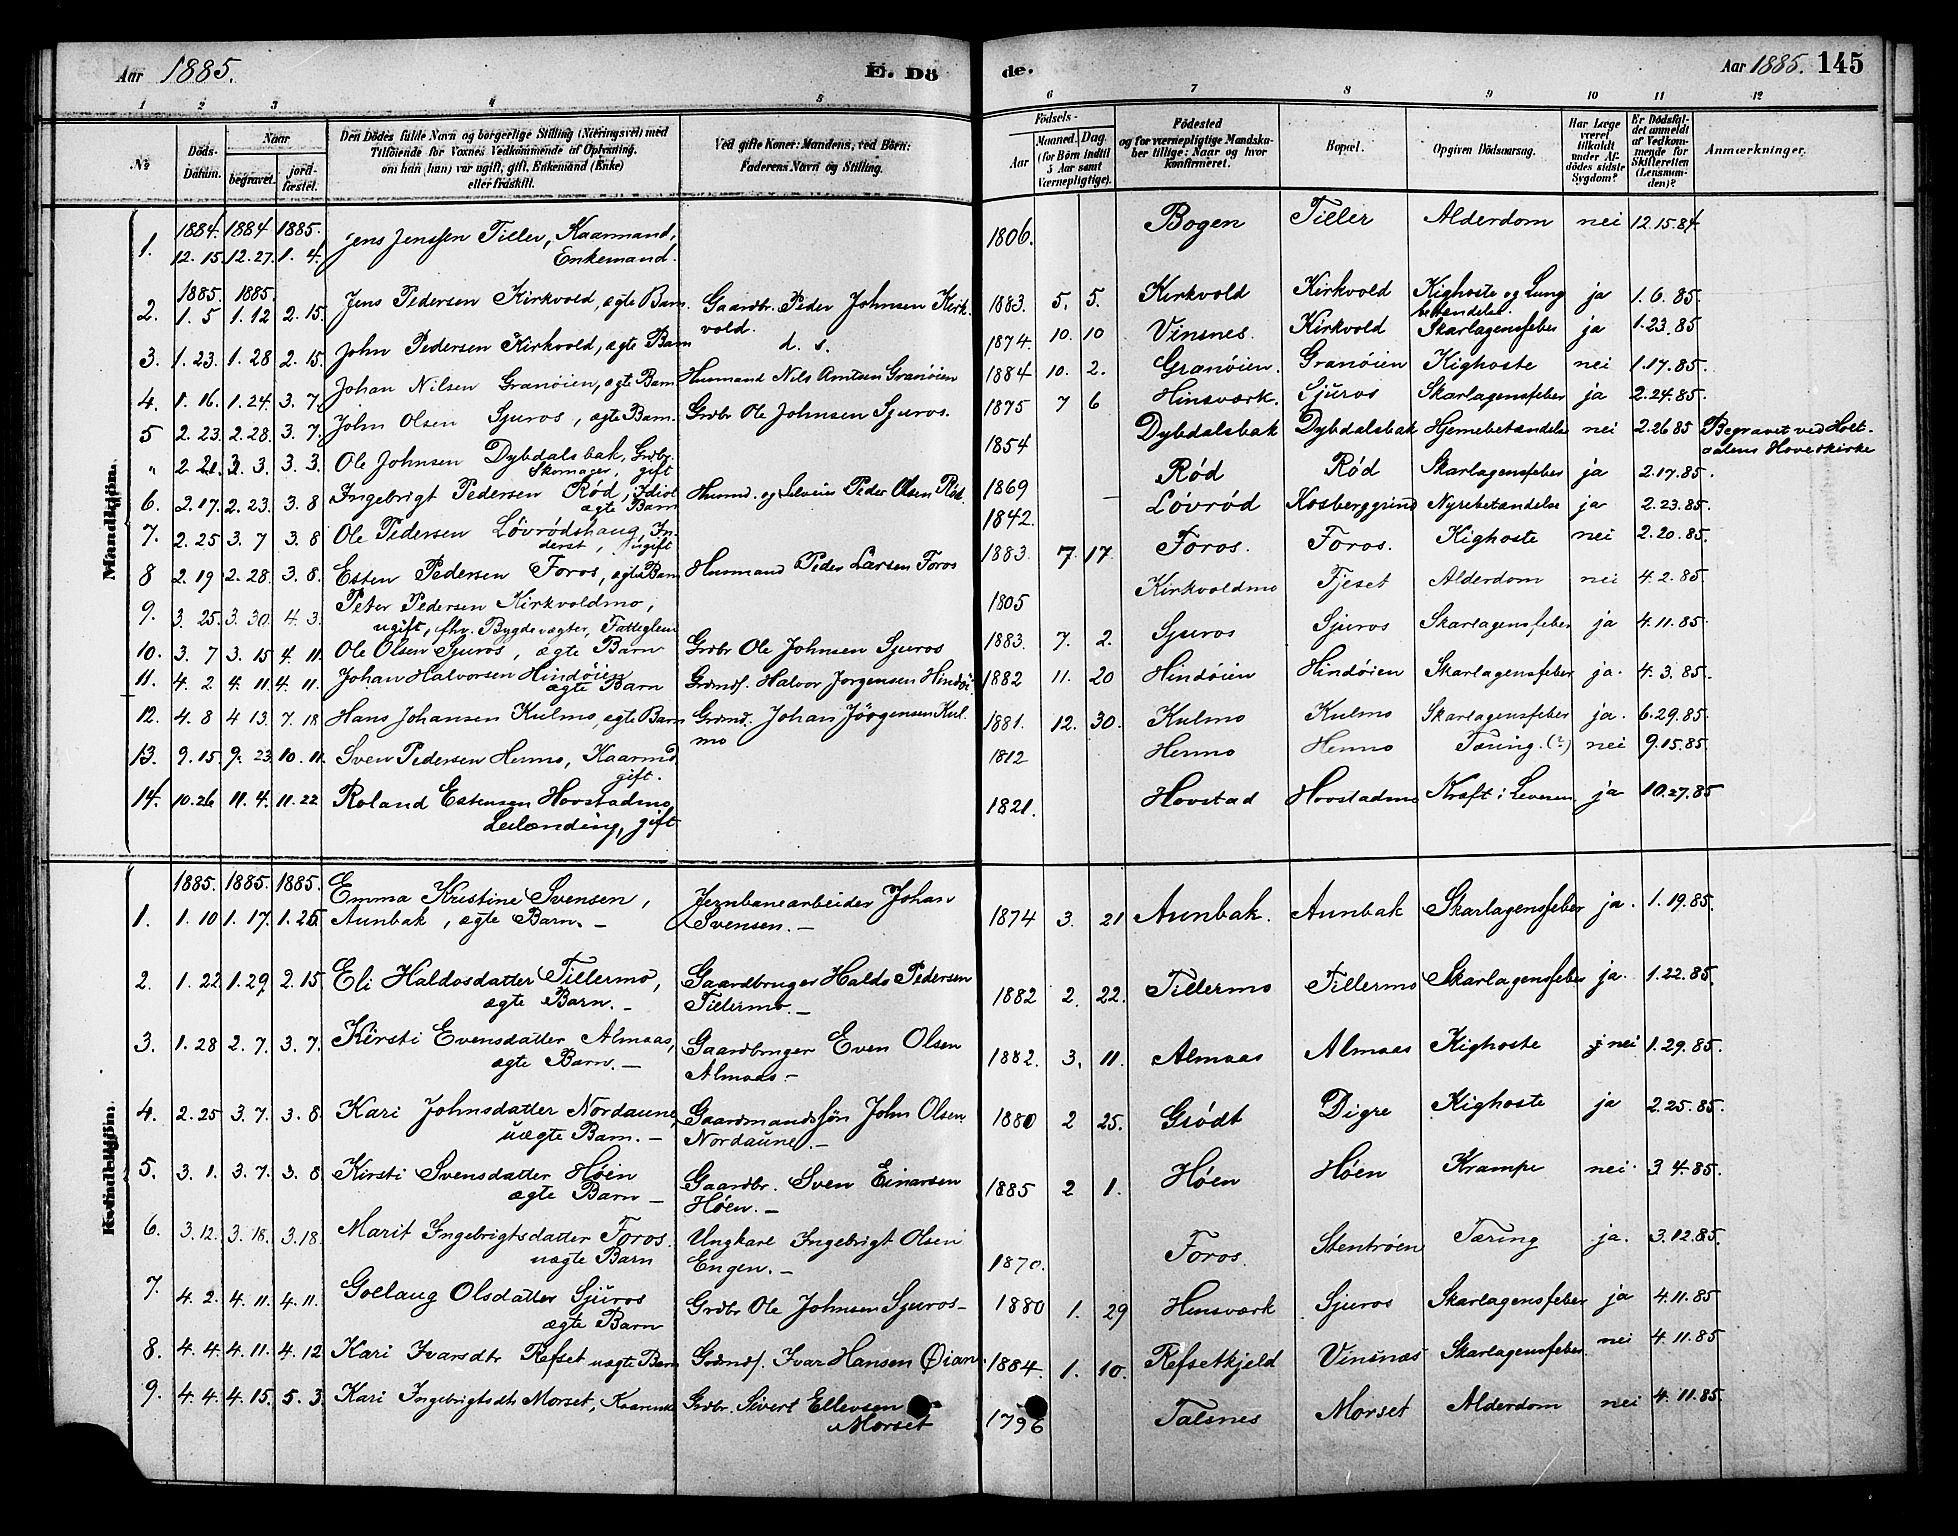 SAT, Ministerialprotokoller, klokkerbøker og fødselsregistre - Sør-Trøndelag, 688/L1024: Ministerialbok nr. 688A01, 1879-1890, s. 145